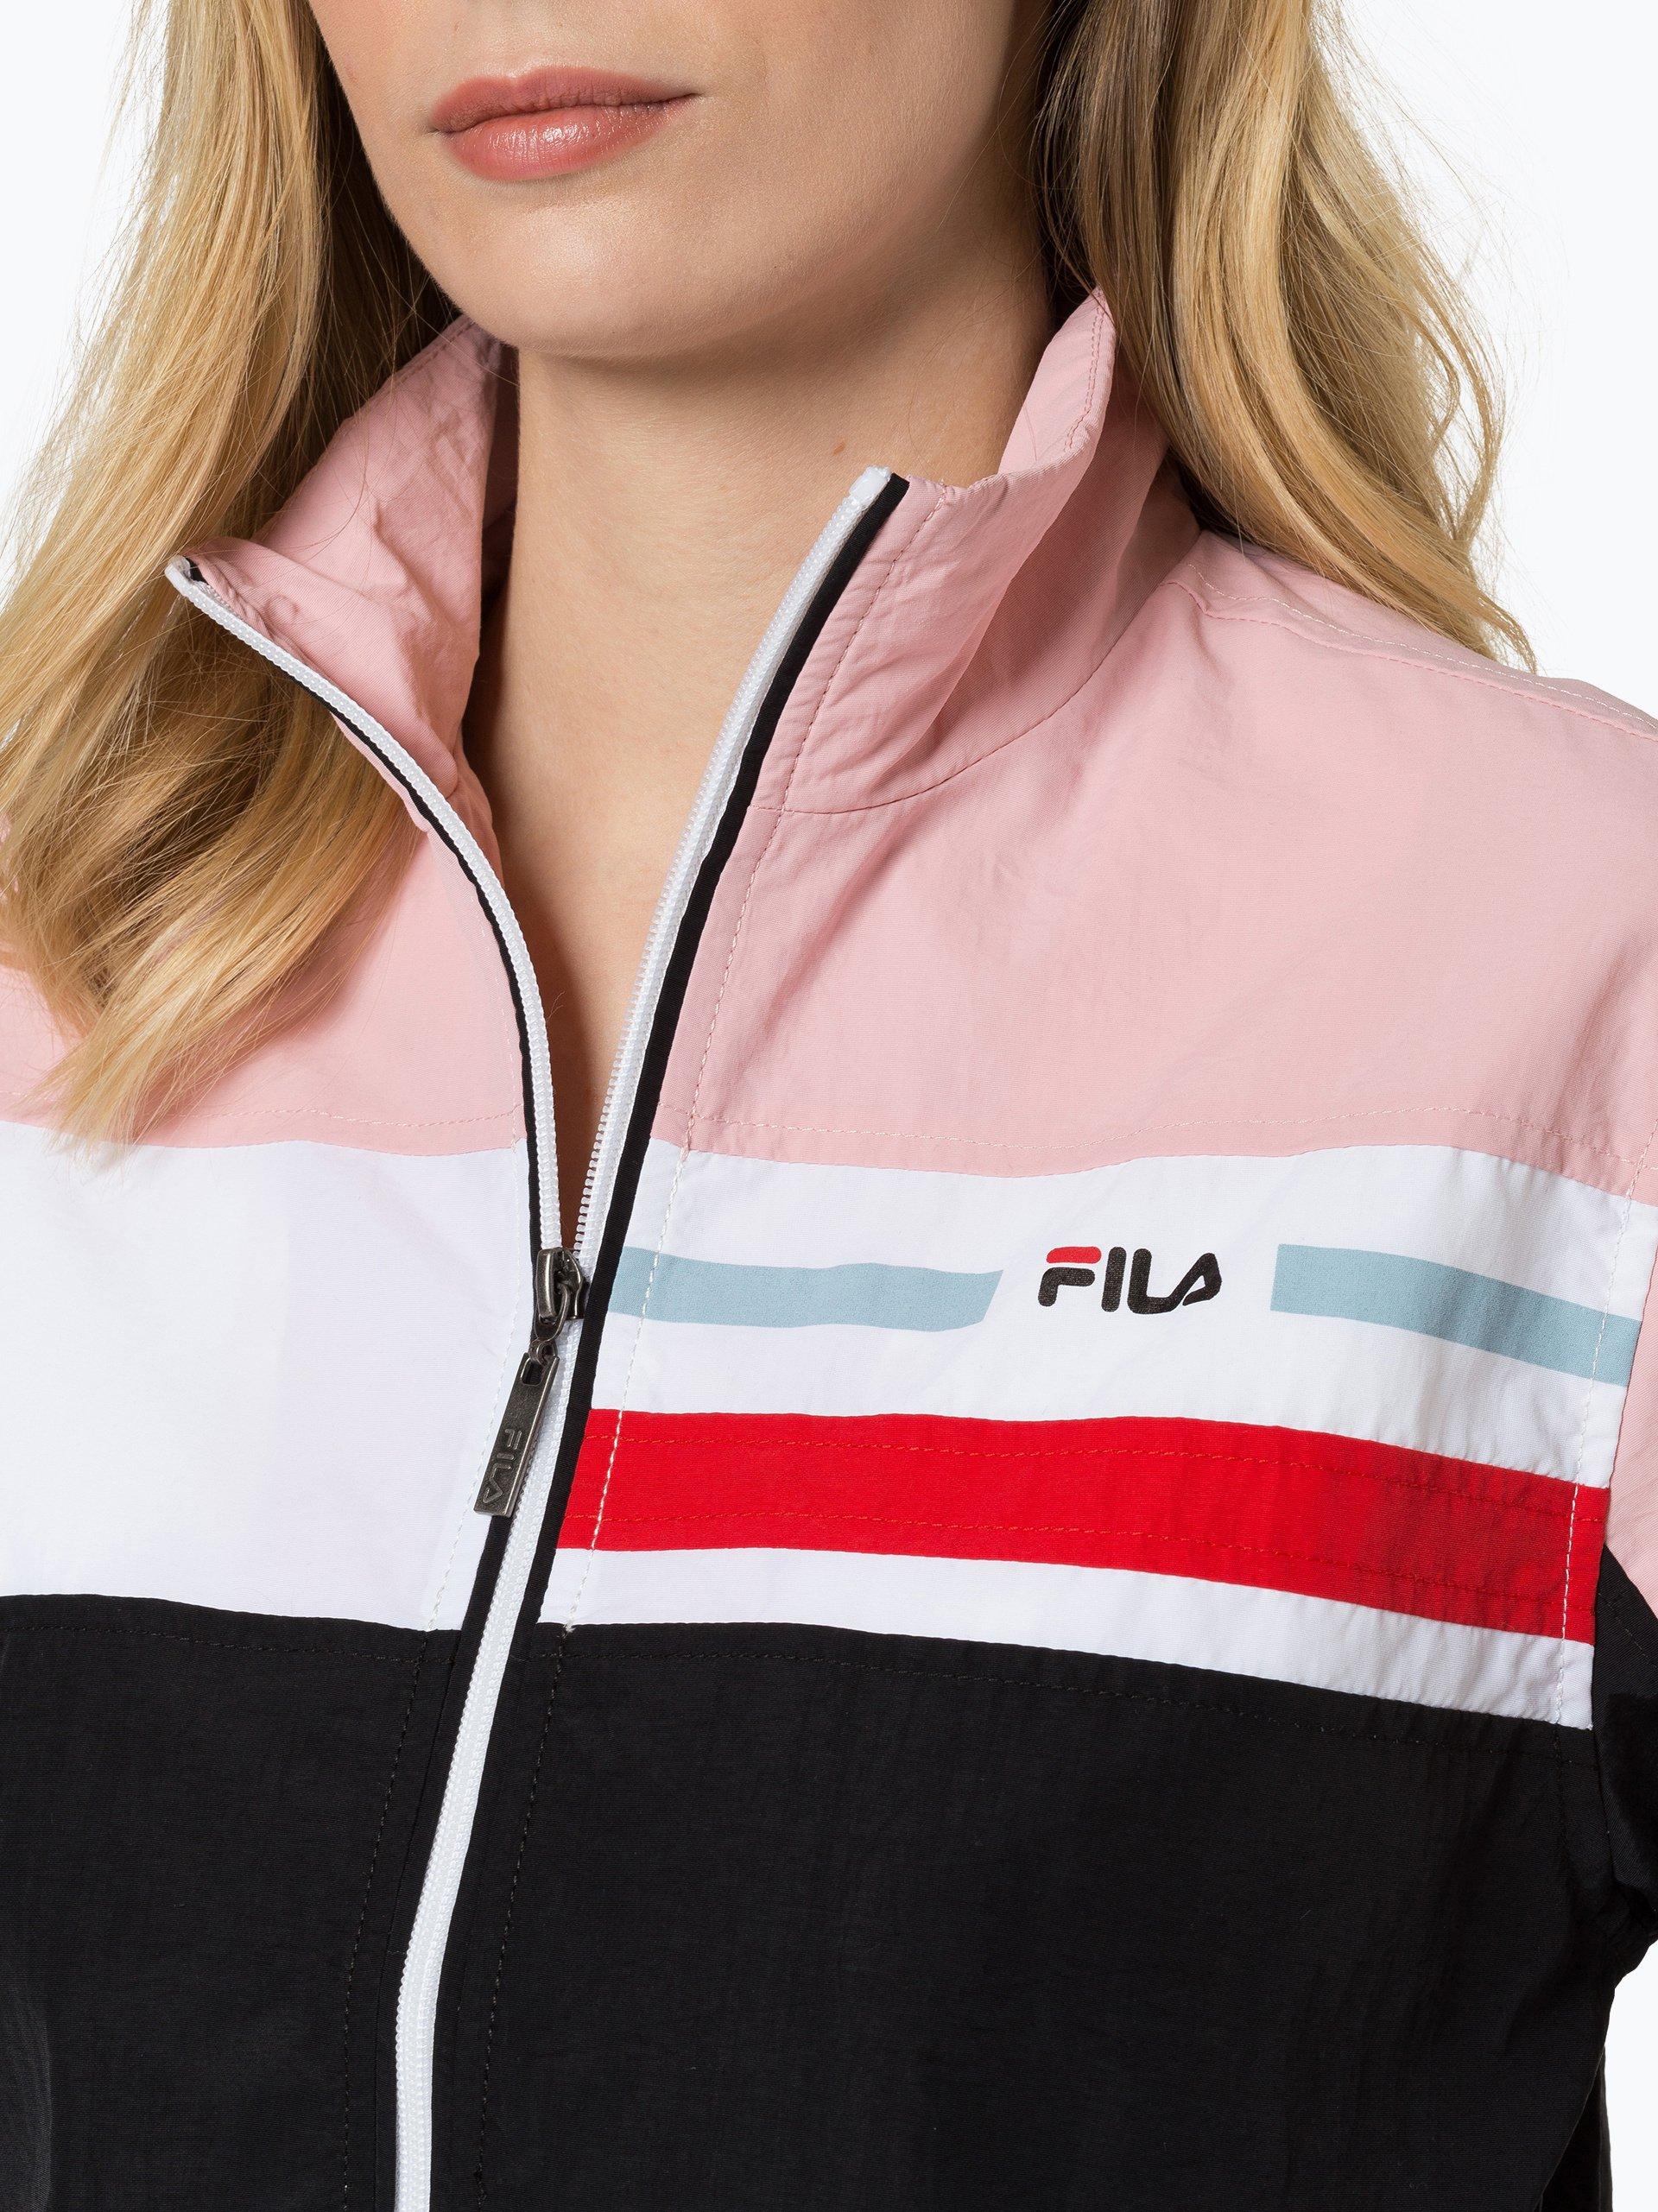 High Fashion zuverlässige Leistung exzellente Qualität FILA Damen Jacke - Kaith online kaufen | PEEK-UND-CLOPPENBURG.DE